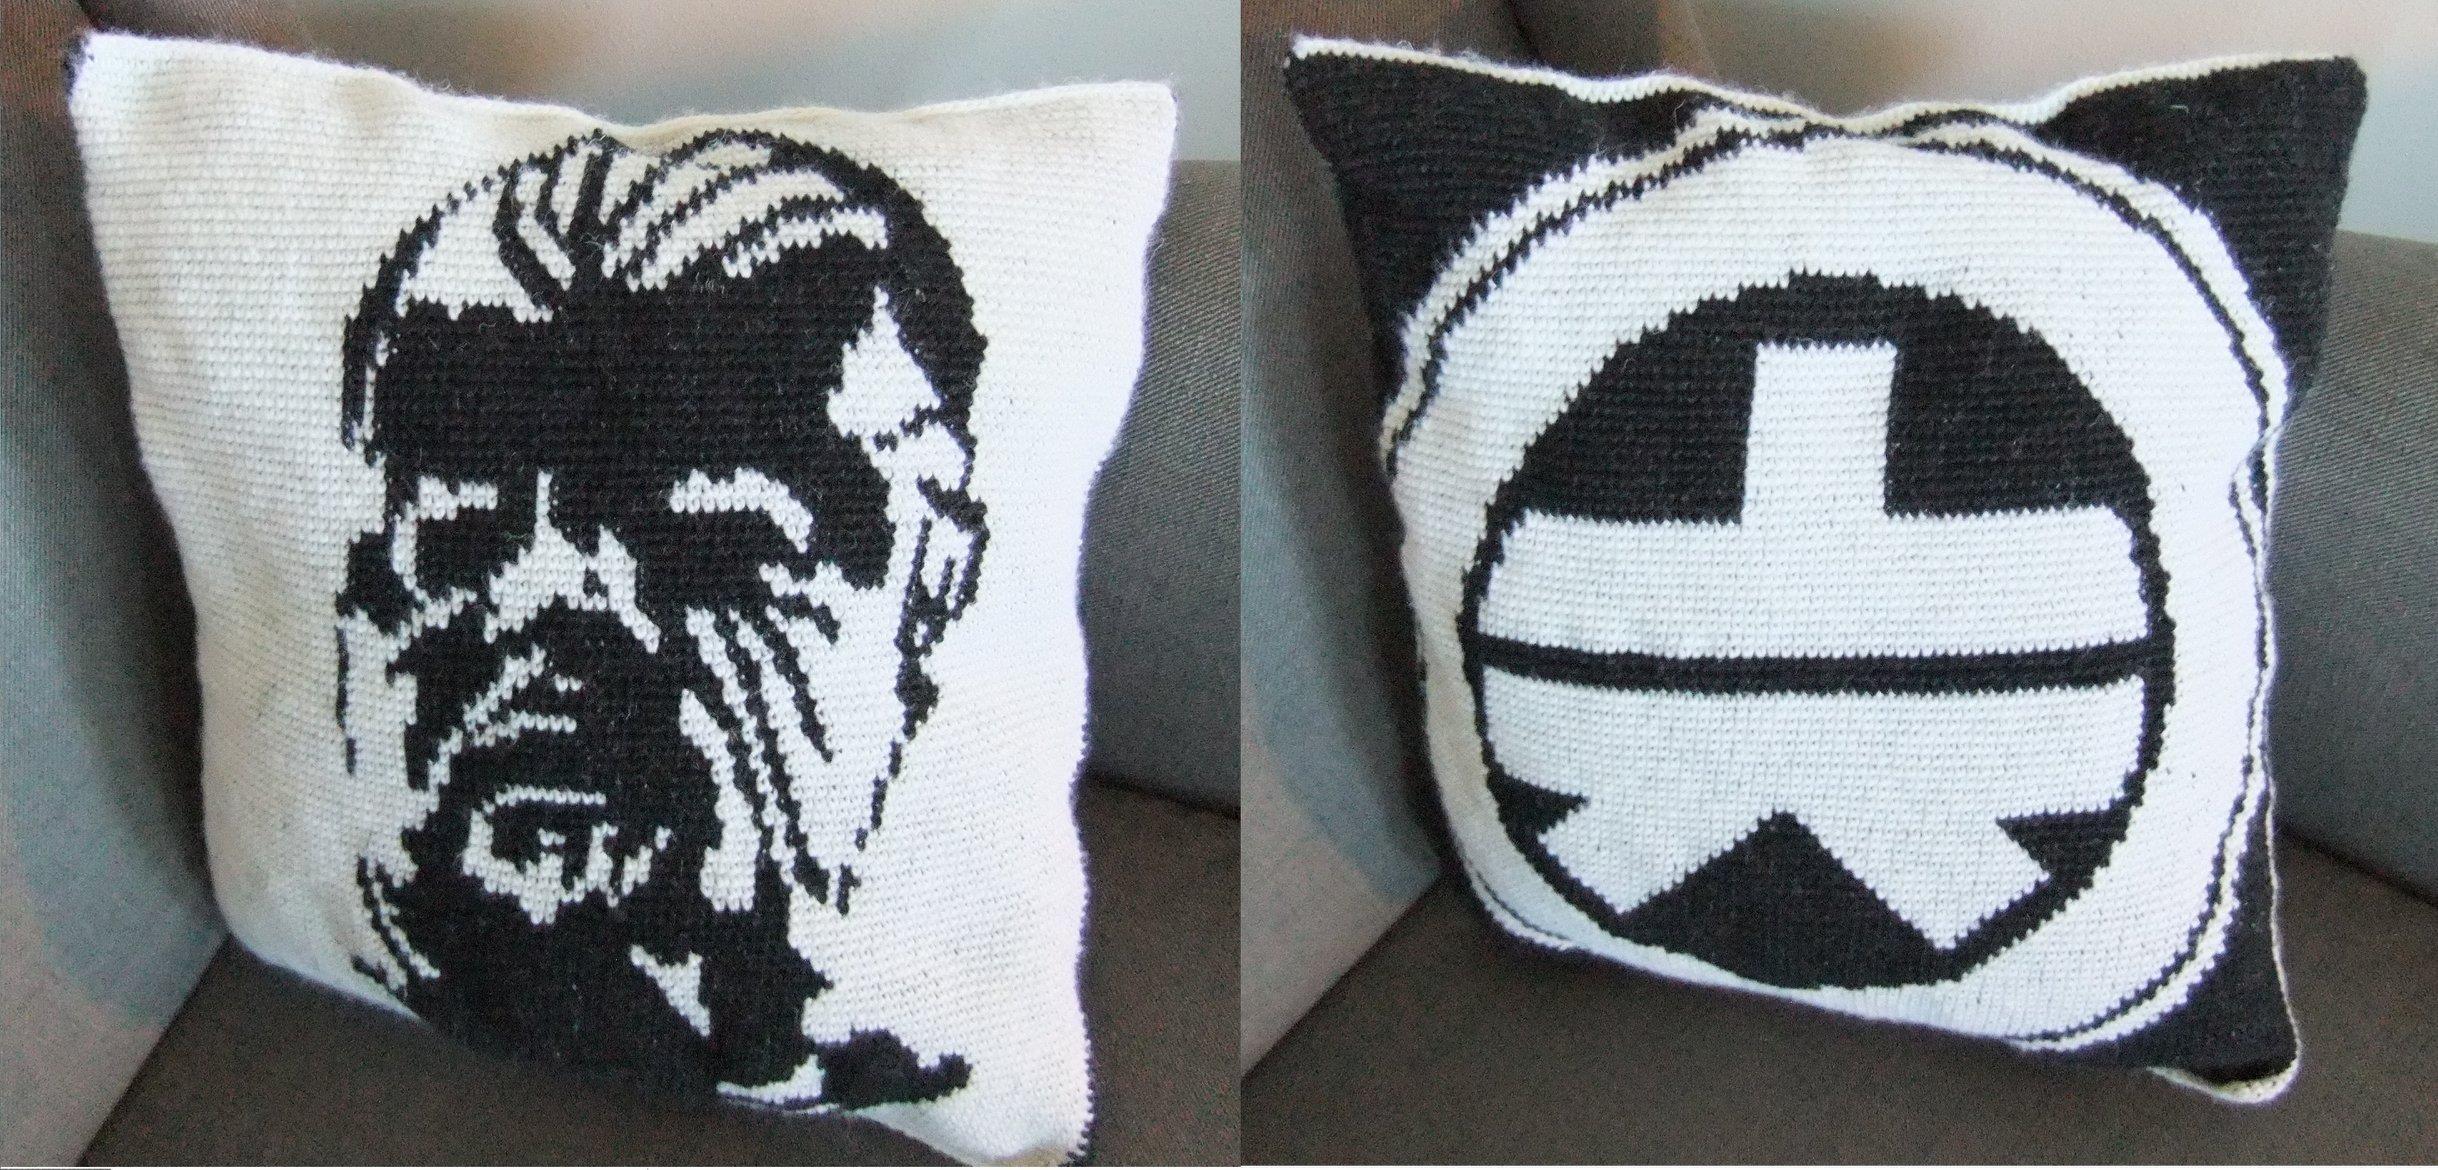 Crochet craft by Virpi Siipola. Turmion Kätilöt - MC Raaka Pee